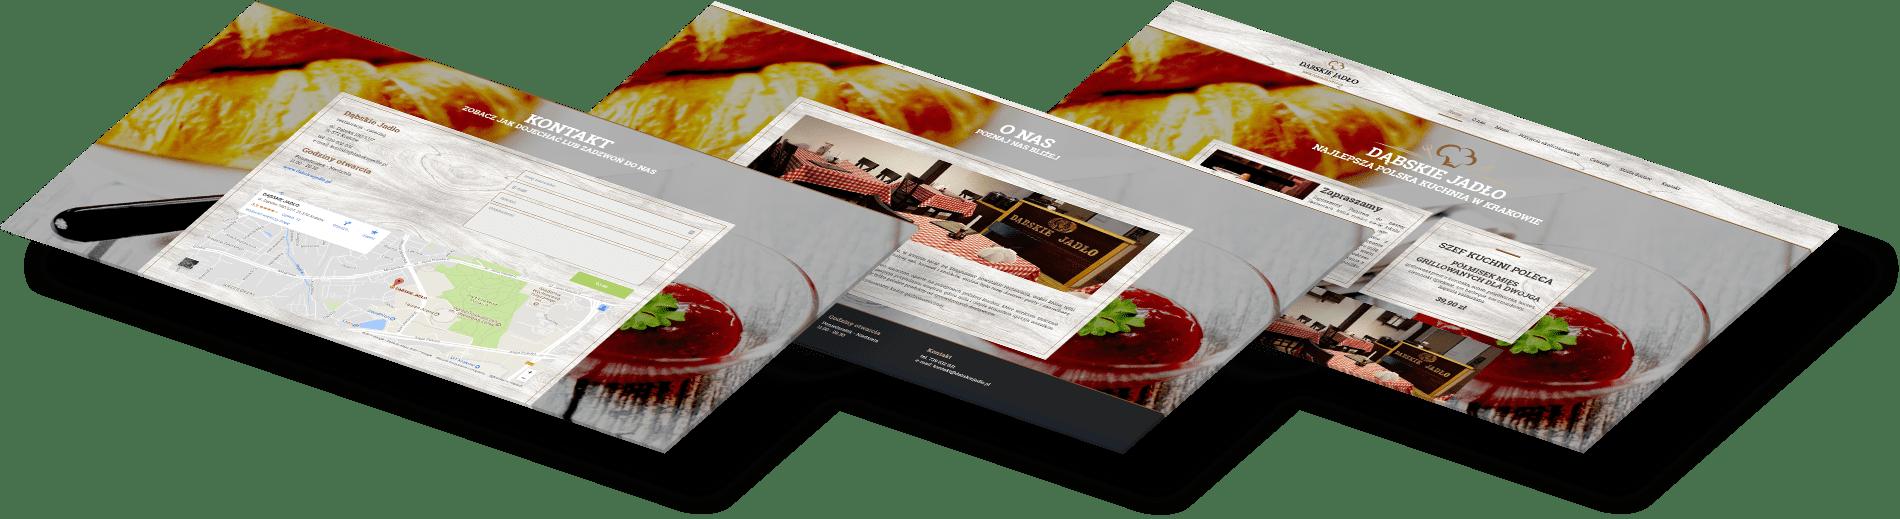 szablon strony dla restauracji w Krakowie